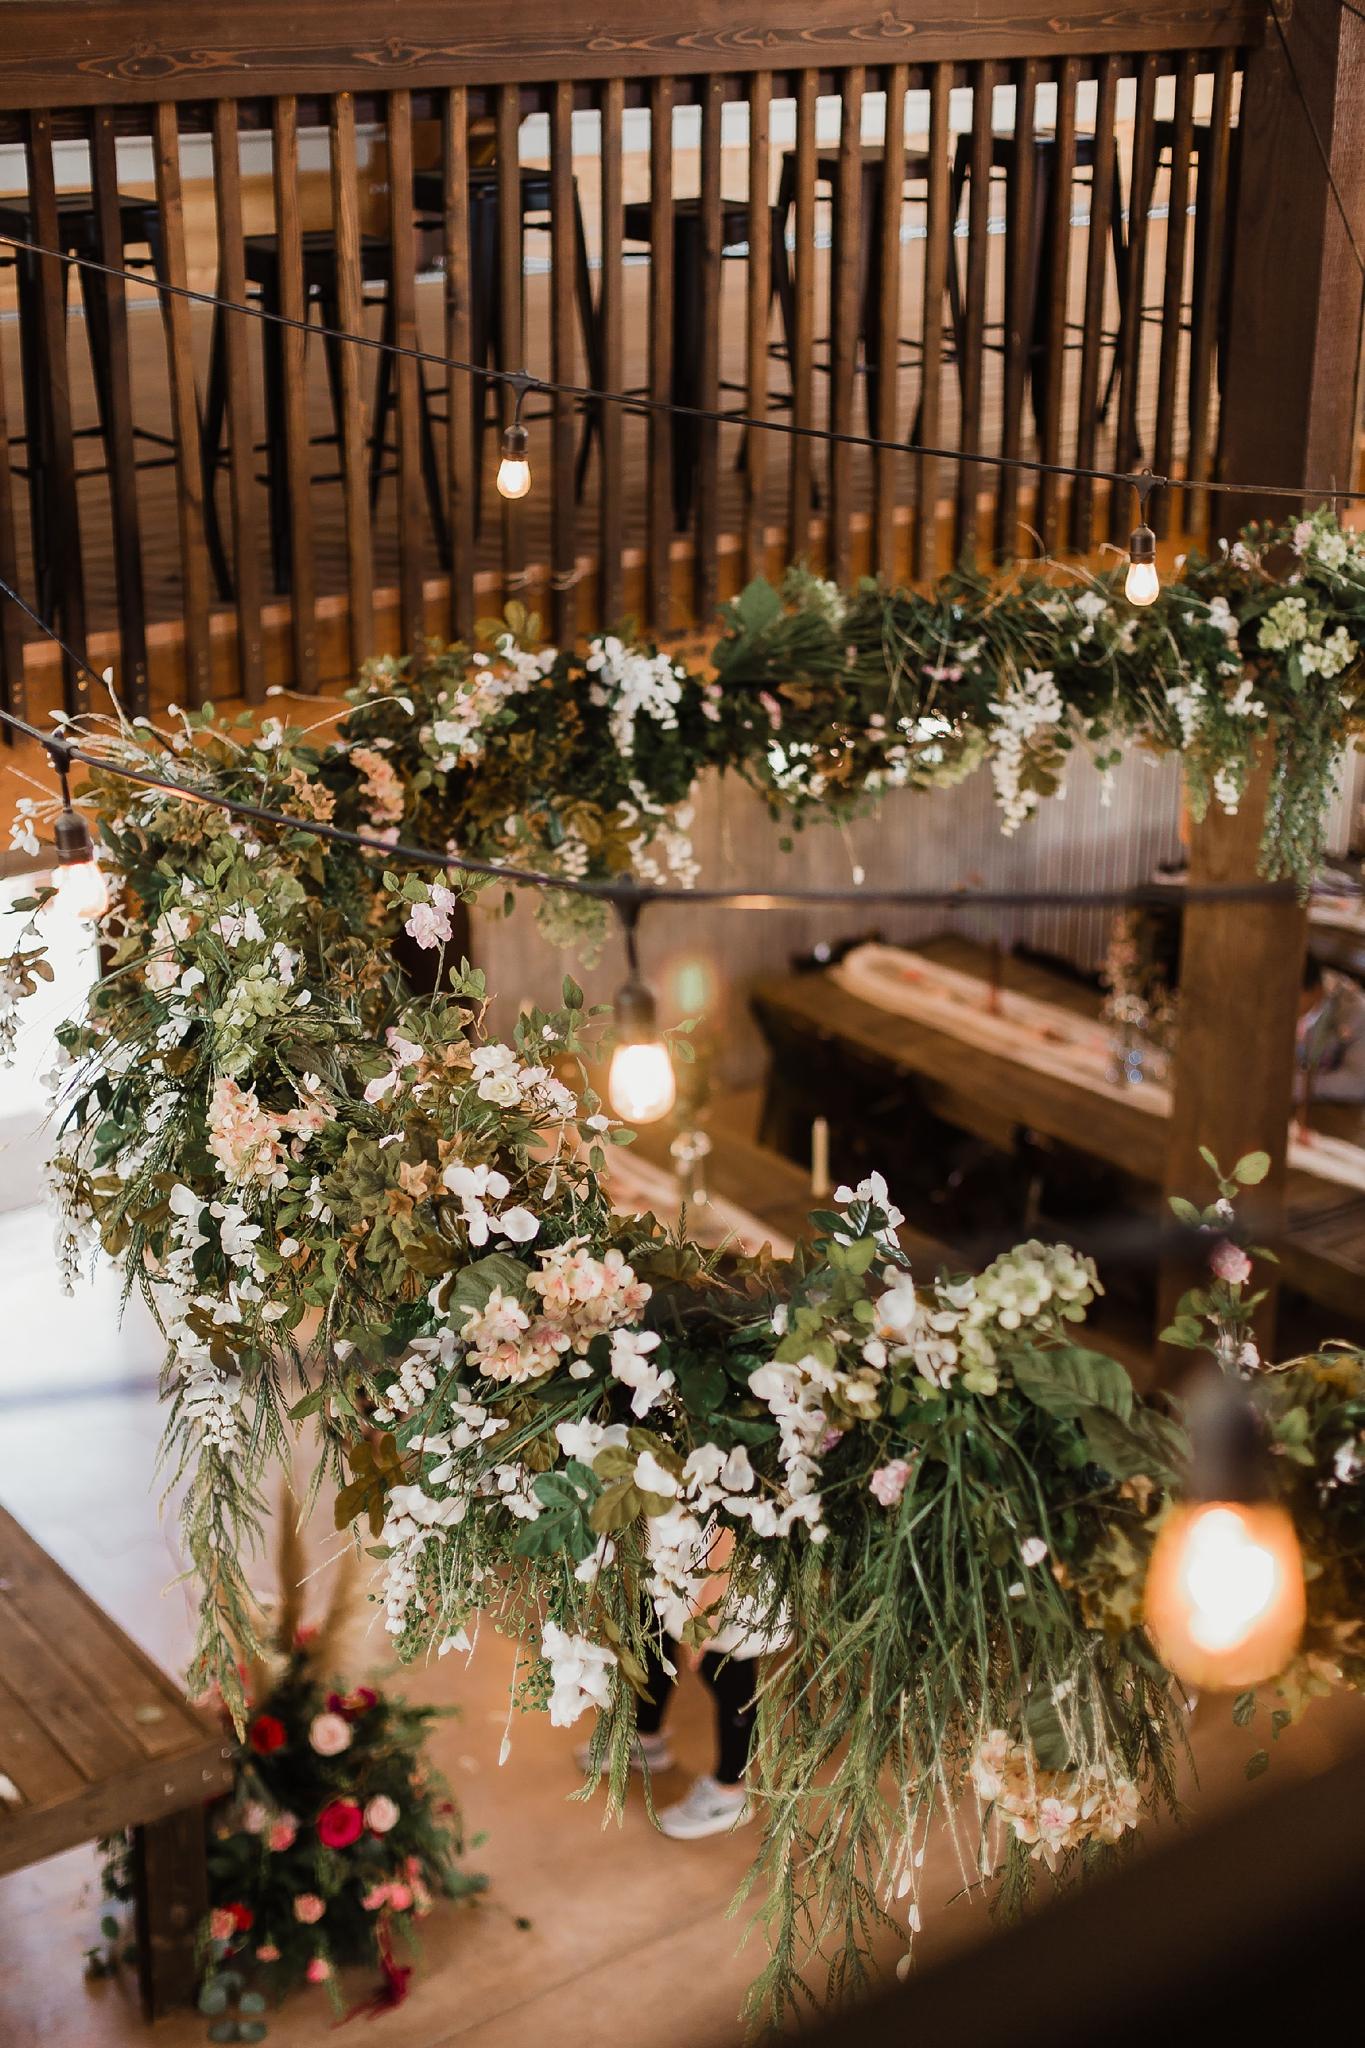 Alicia+lucia+photography+-+albuquerque+wedding+photographer+-+santa+fe+wedding+photography+-+new+mexico+wedding+photographer+-+new+mexico+wedding+-+summer+wedding+-+summer+wedding+florals+-+southwest+wedding_0011.jpg